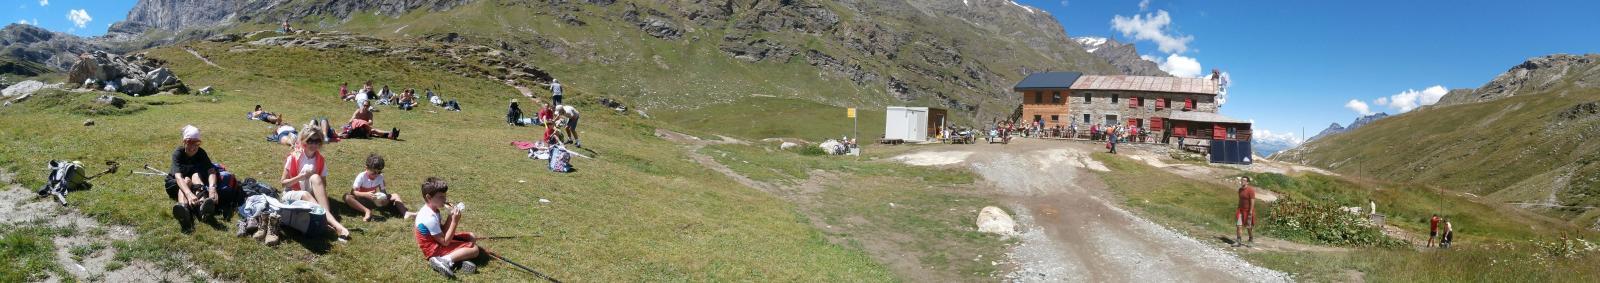 pranzo al Benevolo,decine di escursionisti in zona...